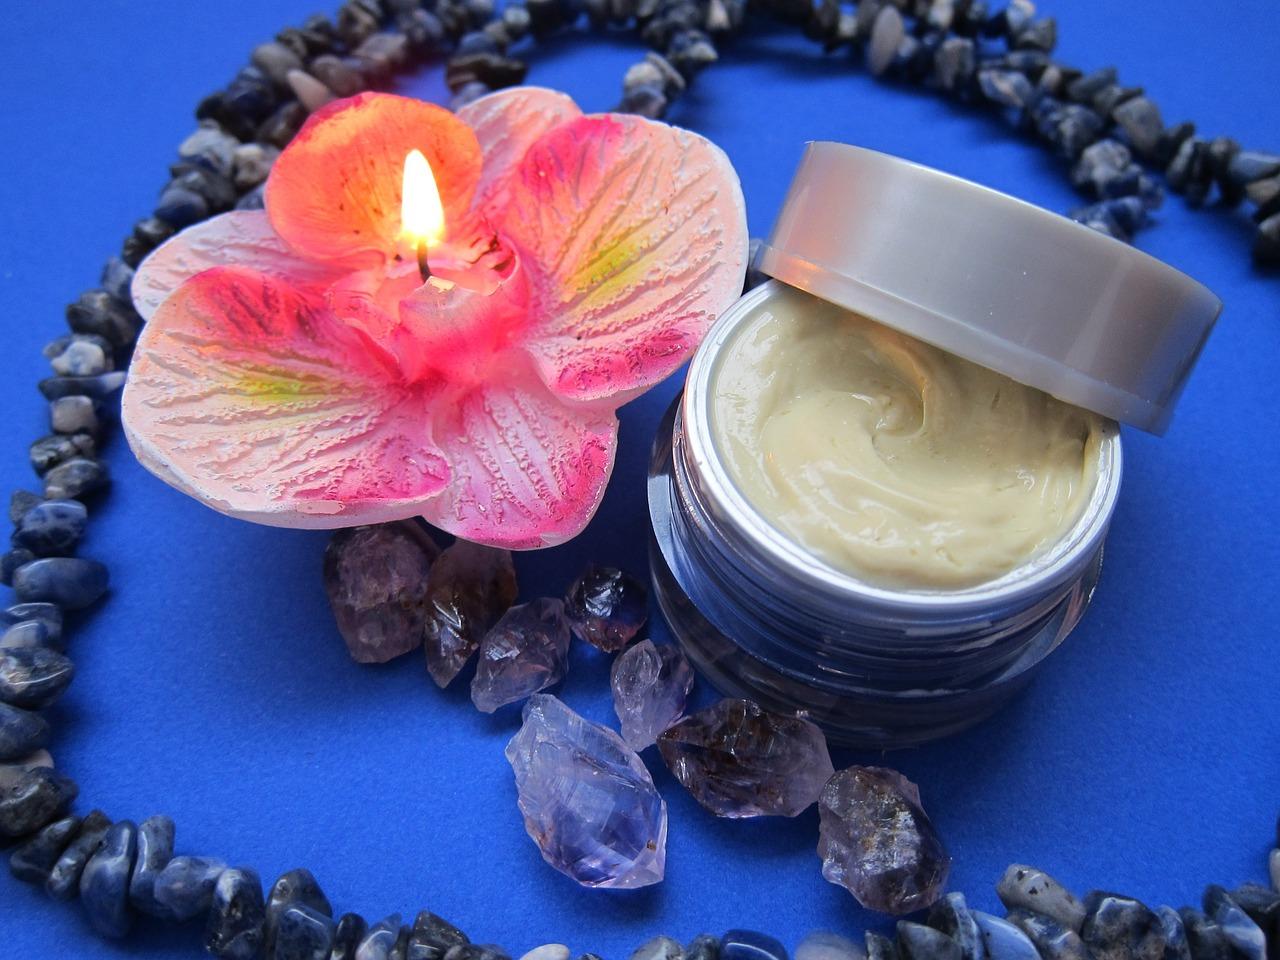 La crema hidratante del cuerpo puede utilizarse en el rostro